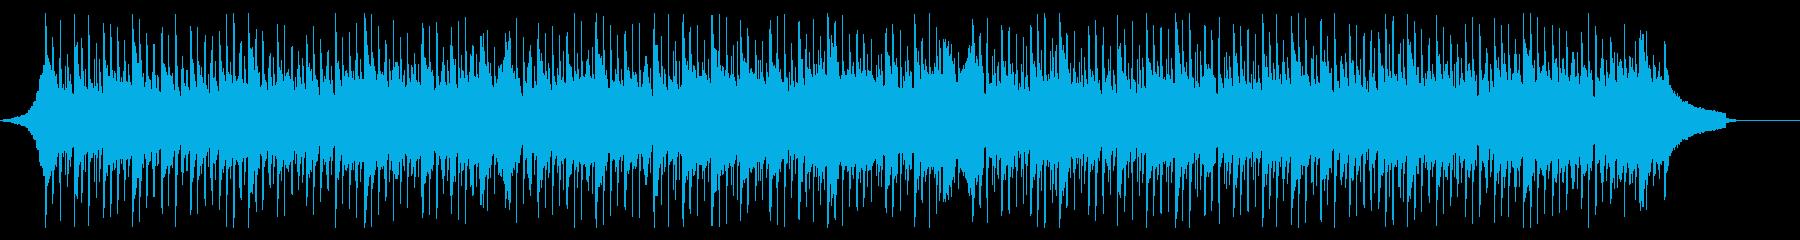 落ち着いた爽やかなコーポレートBGMの再生済みの波形